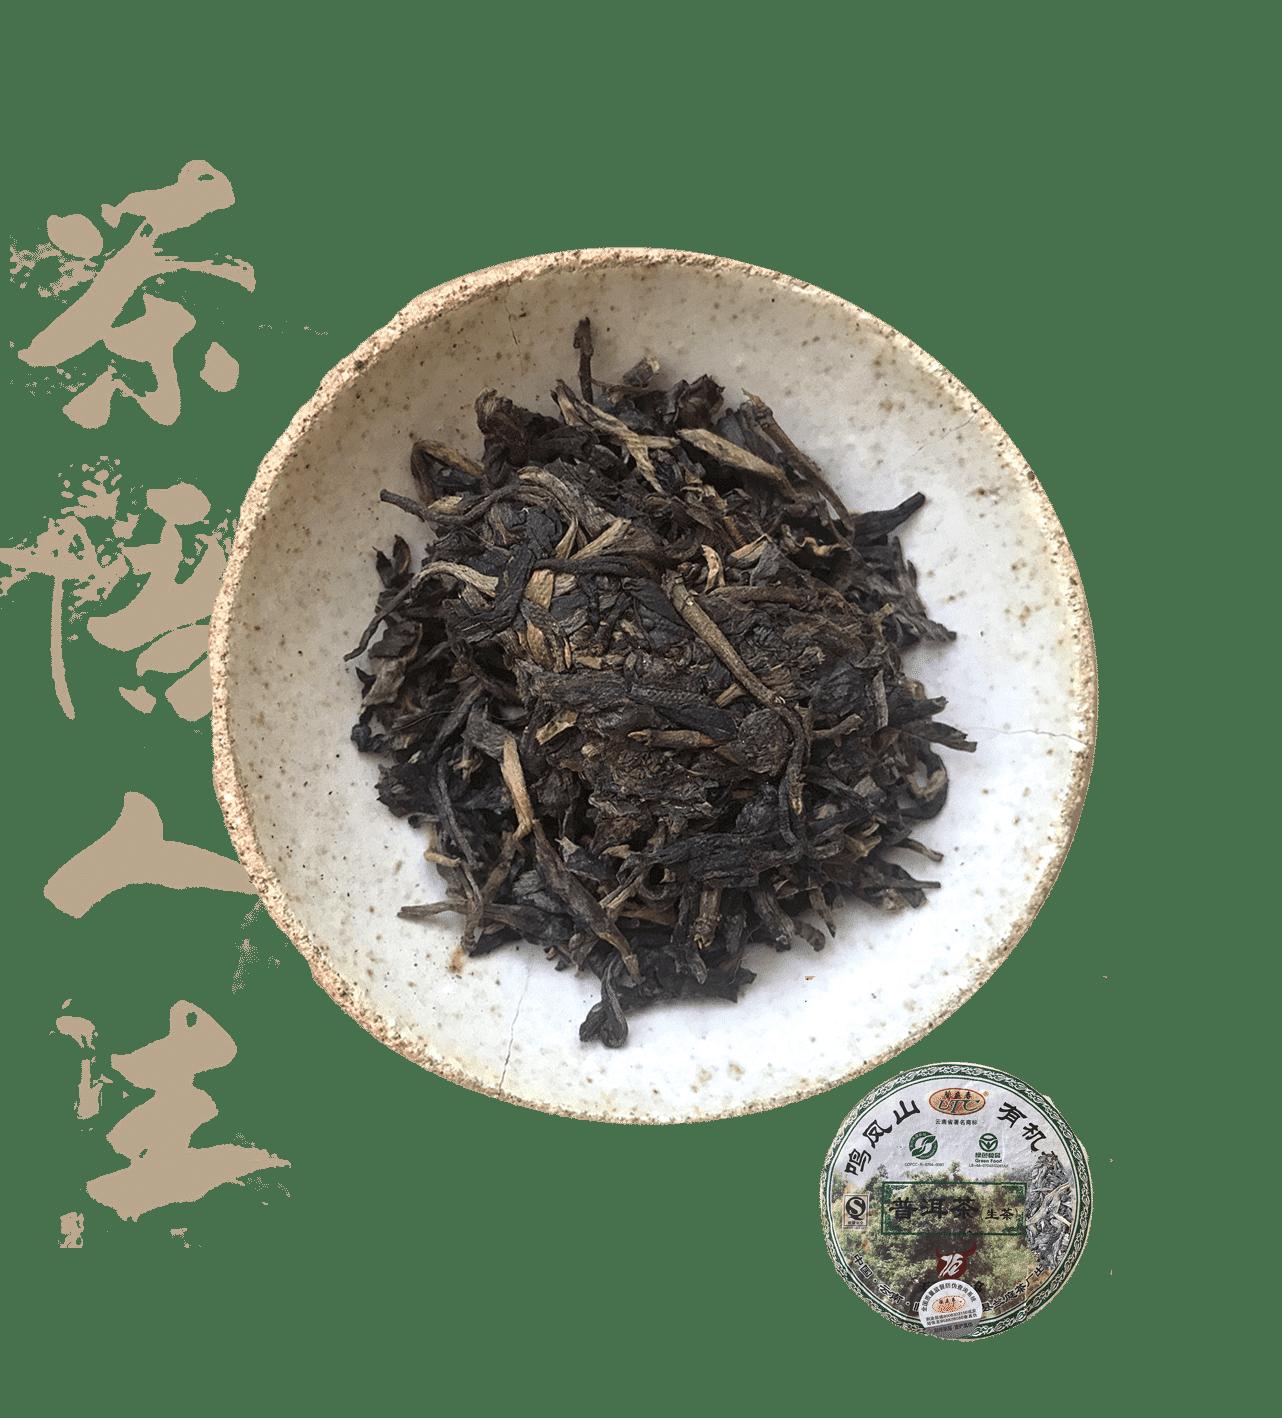 Lan ting Chun yo ji est une galette de thé pu erh affiné